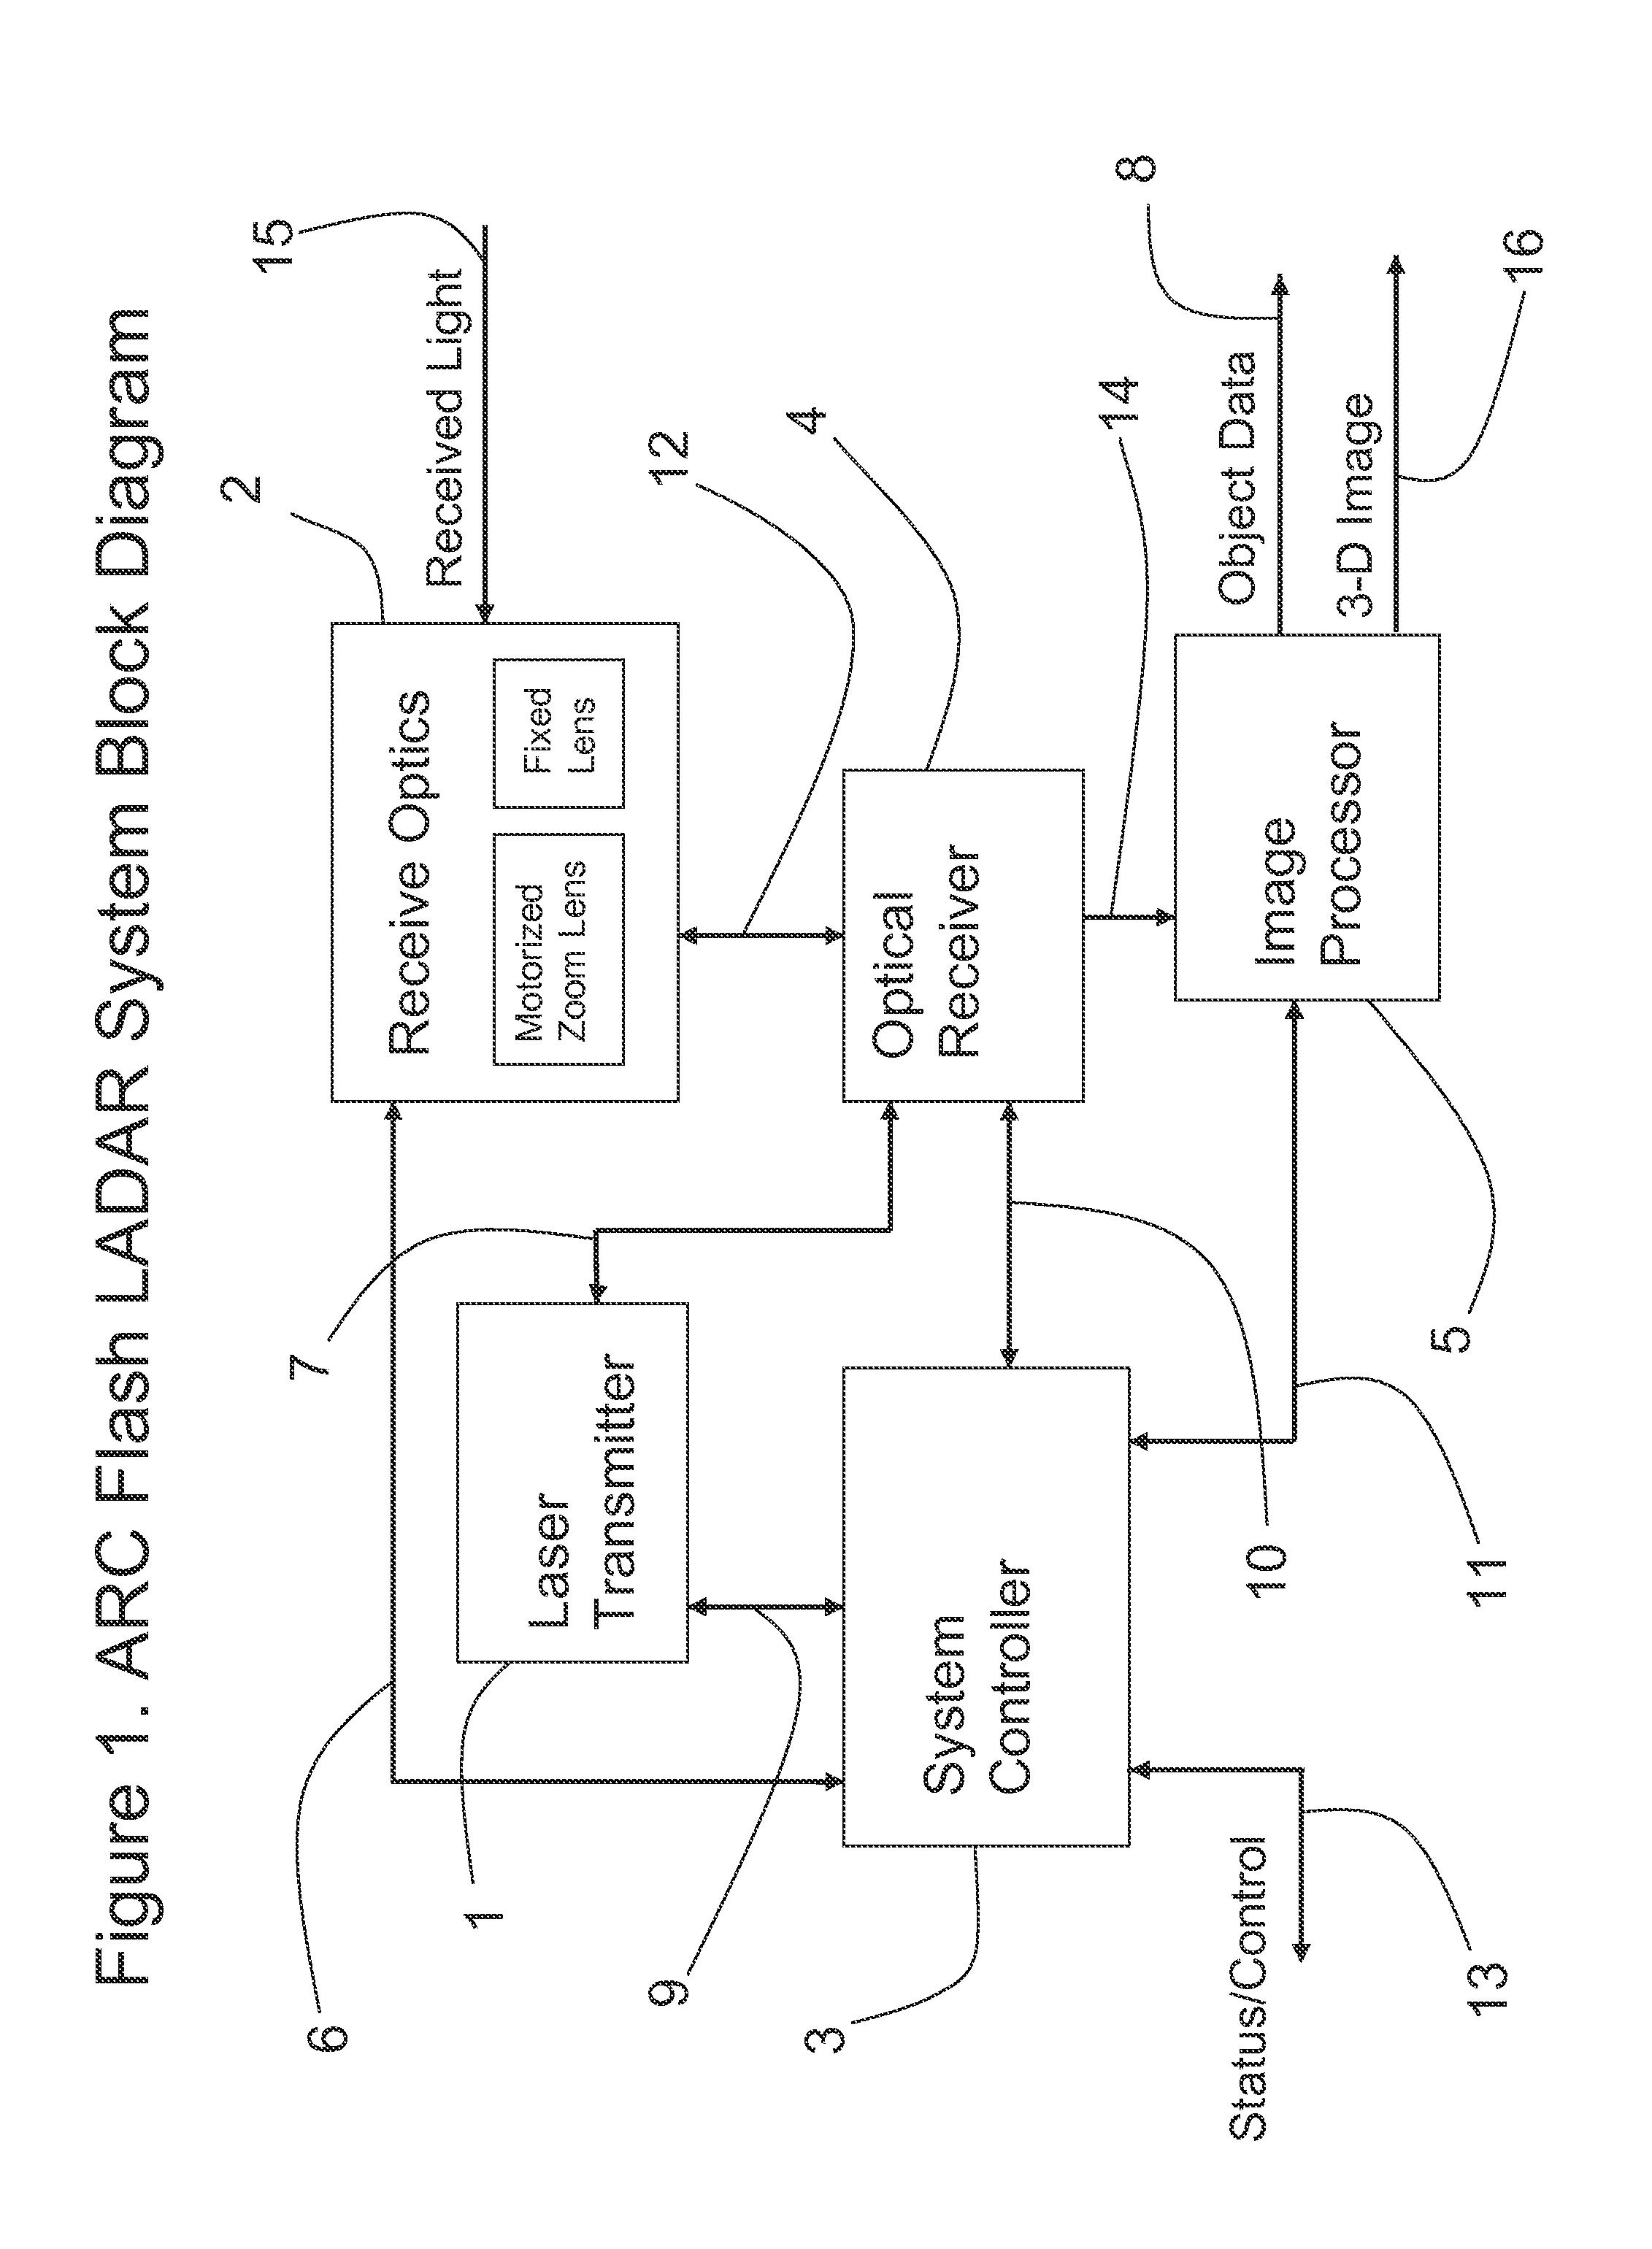 patent us20130128257